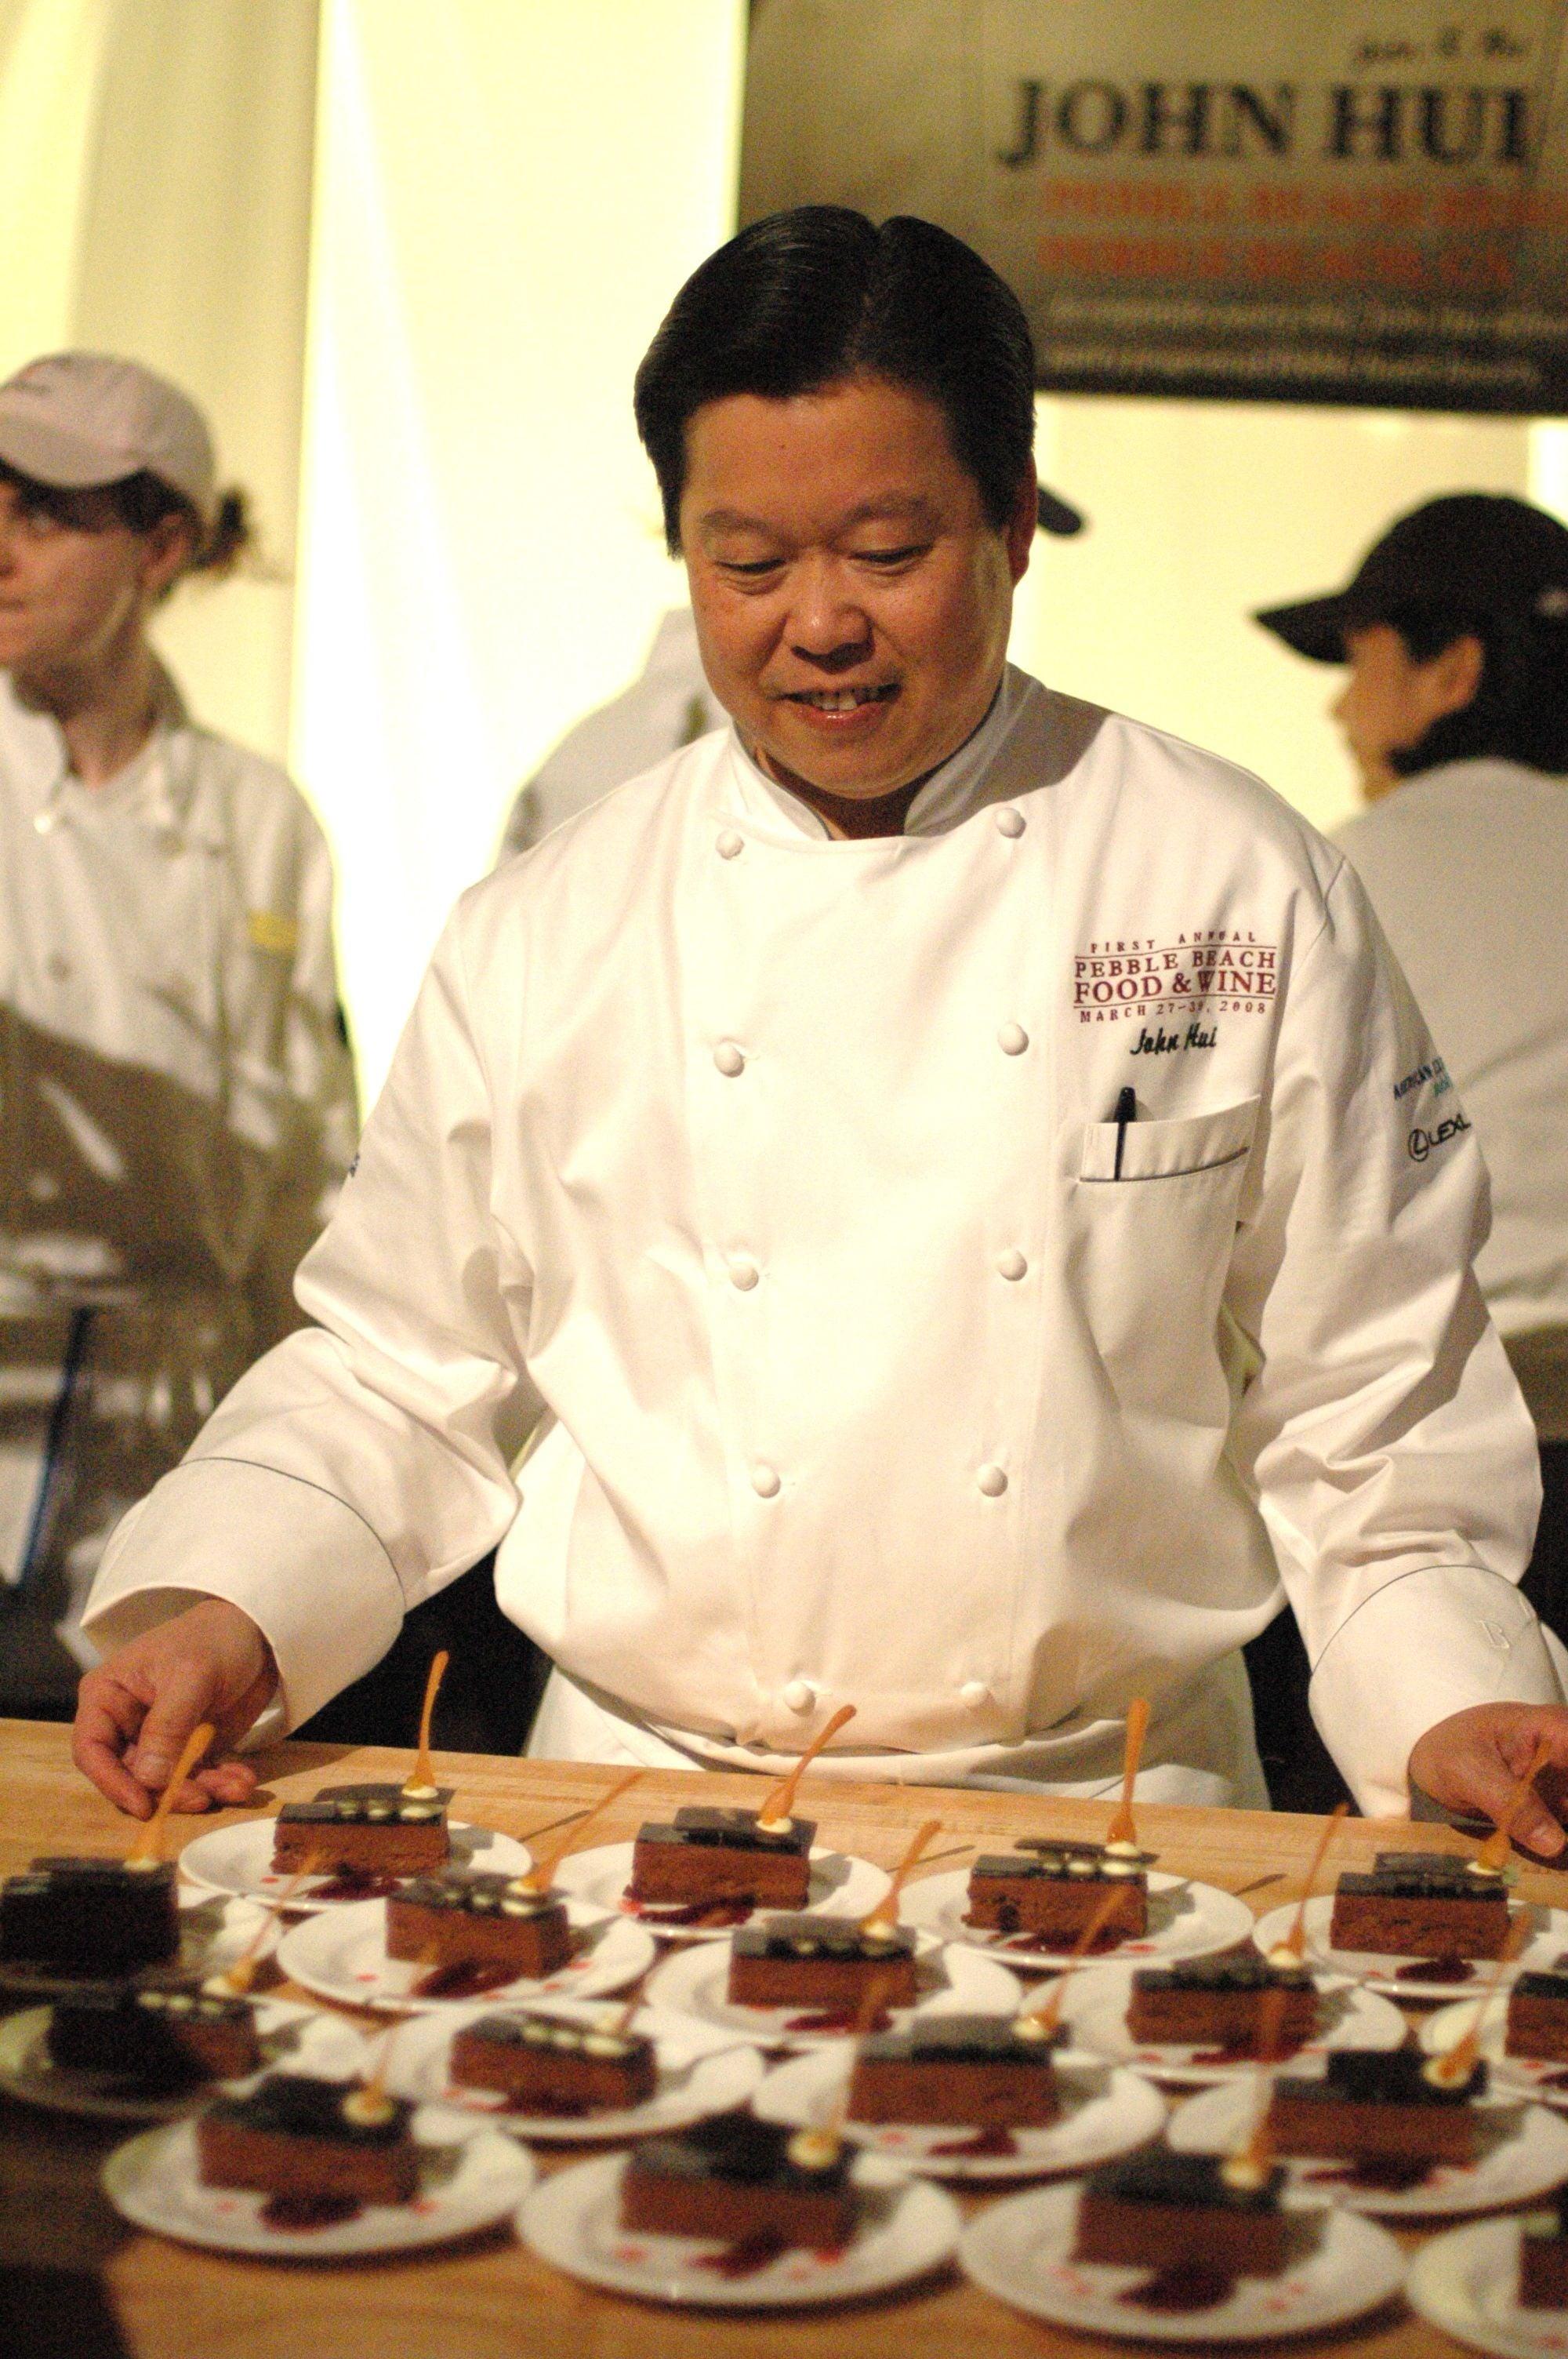 John Hui, Pastry Chef of Pebble Beach Resorts